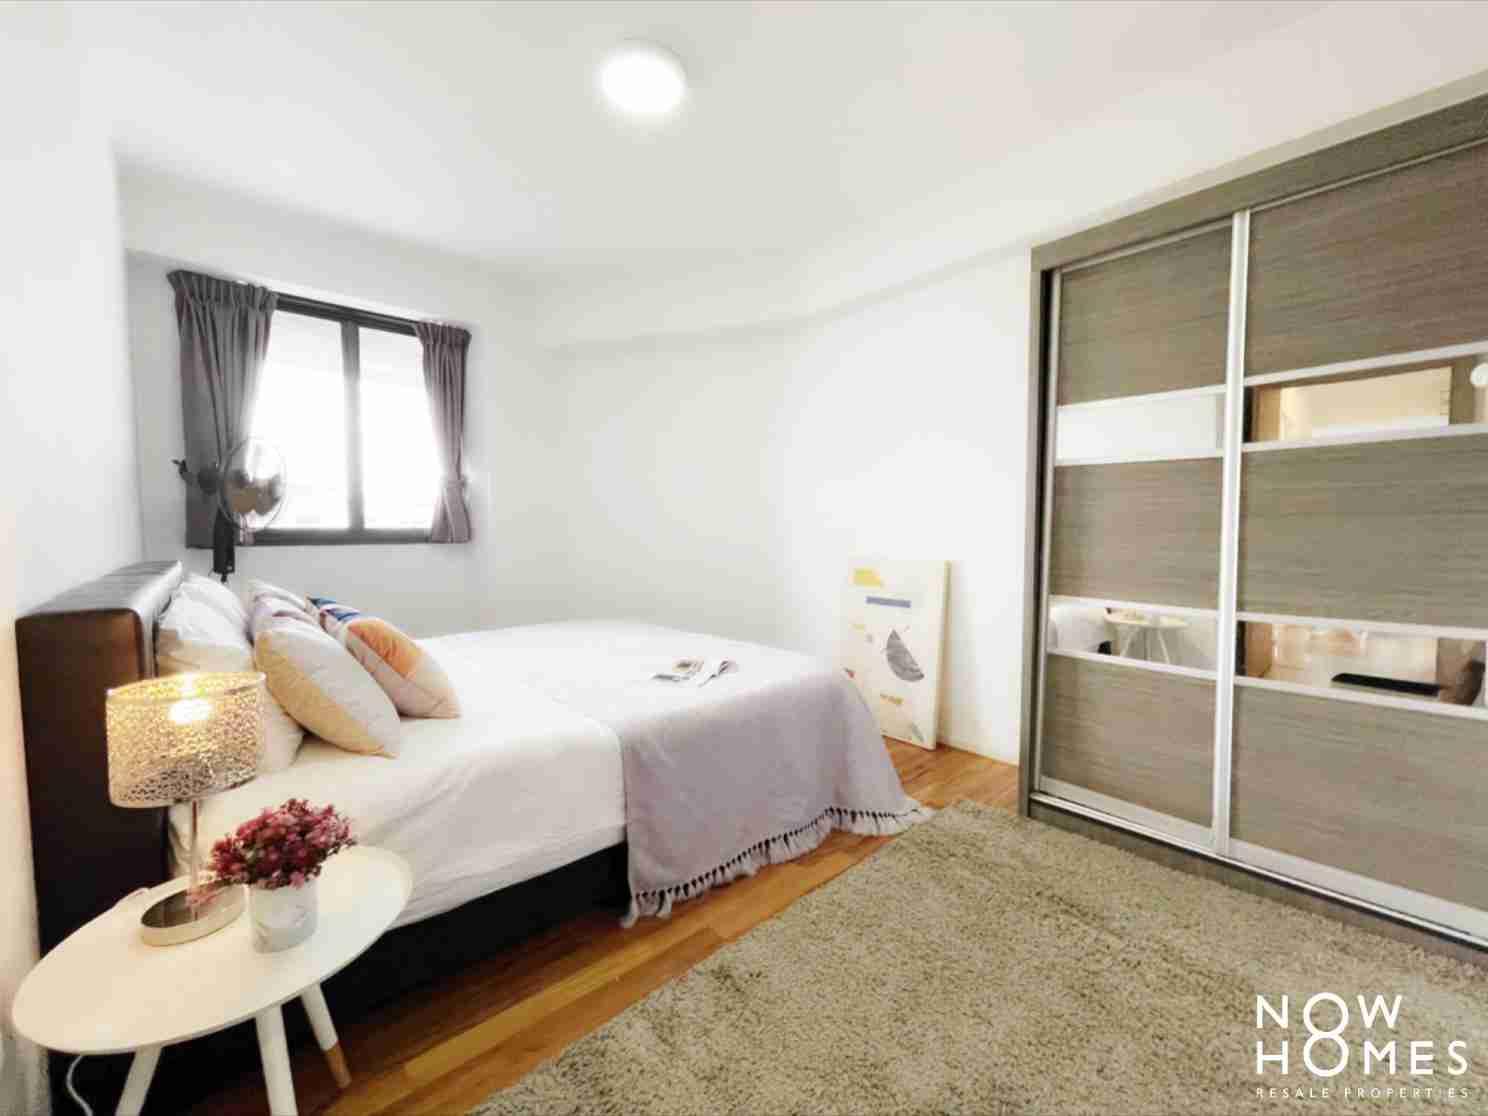 punggol resale property - 310B Punggol Walk - Master Room